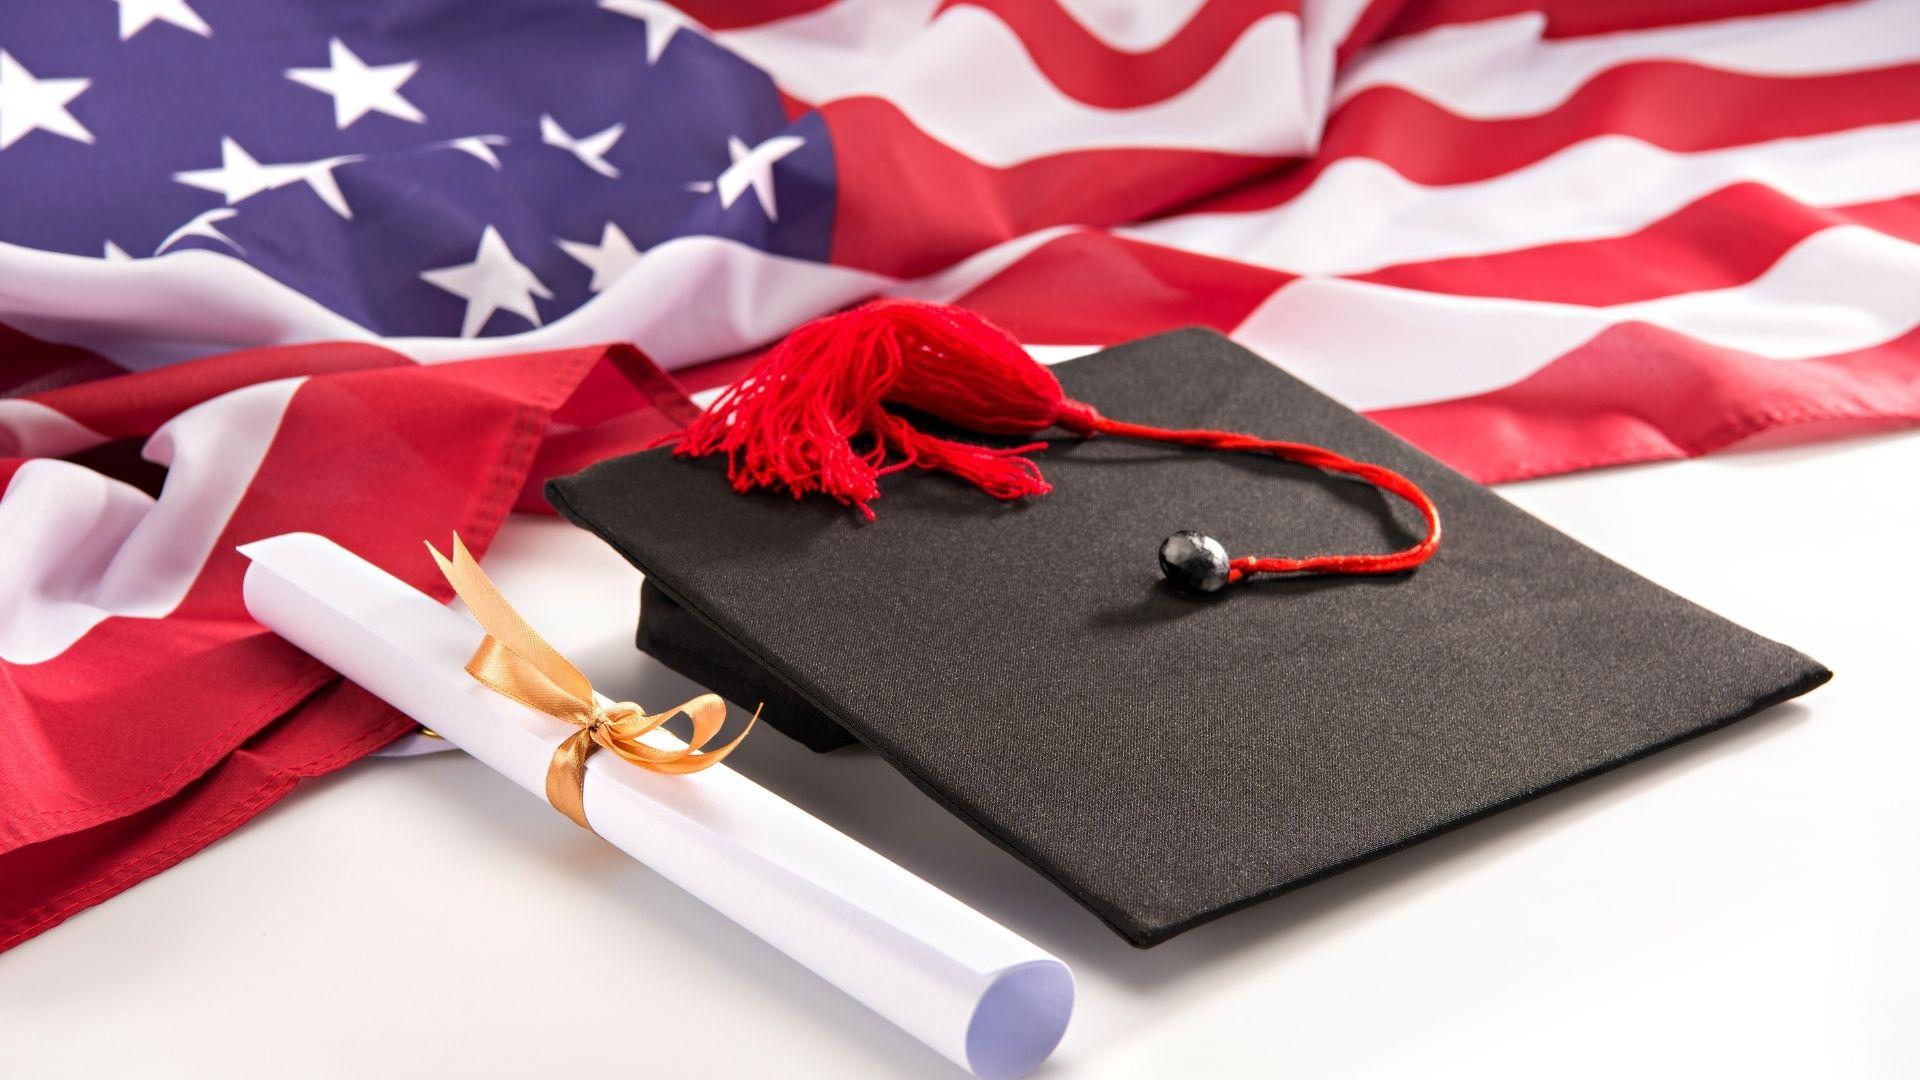 Faculdade americana: como ingressar?